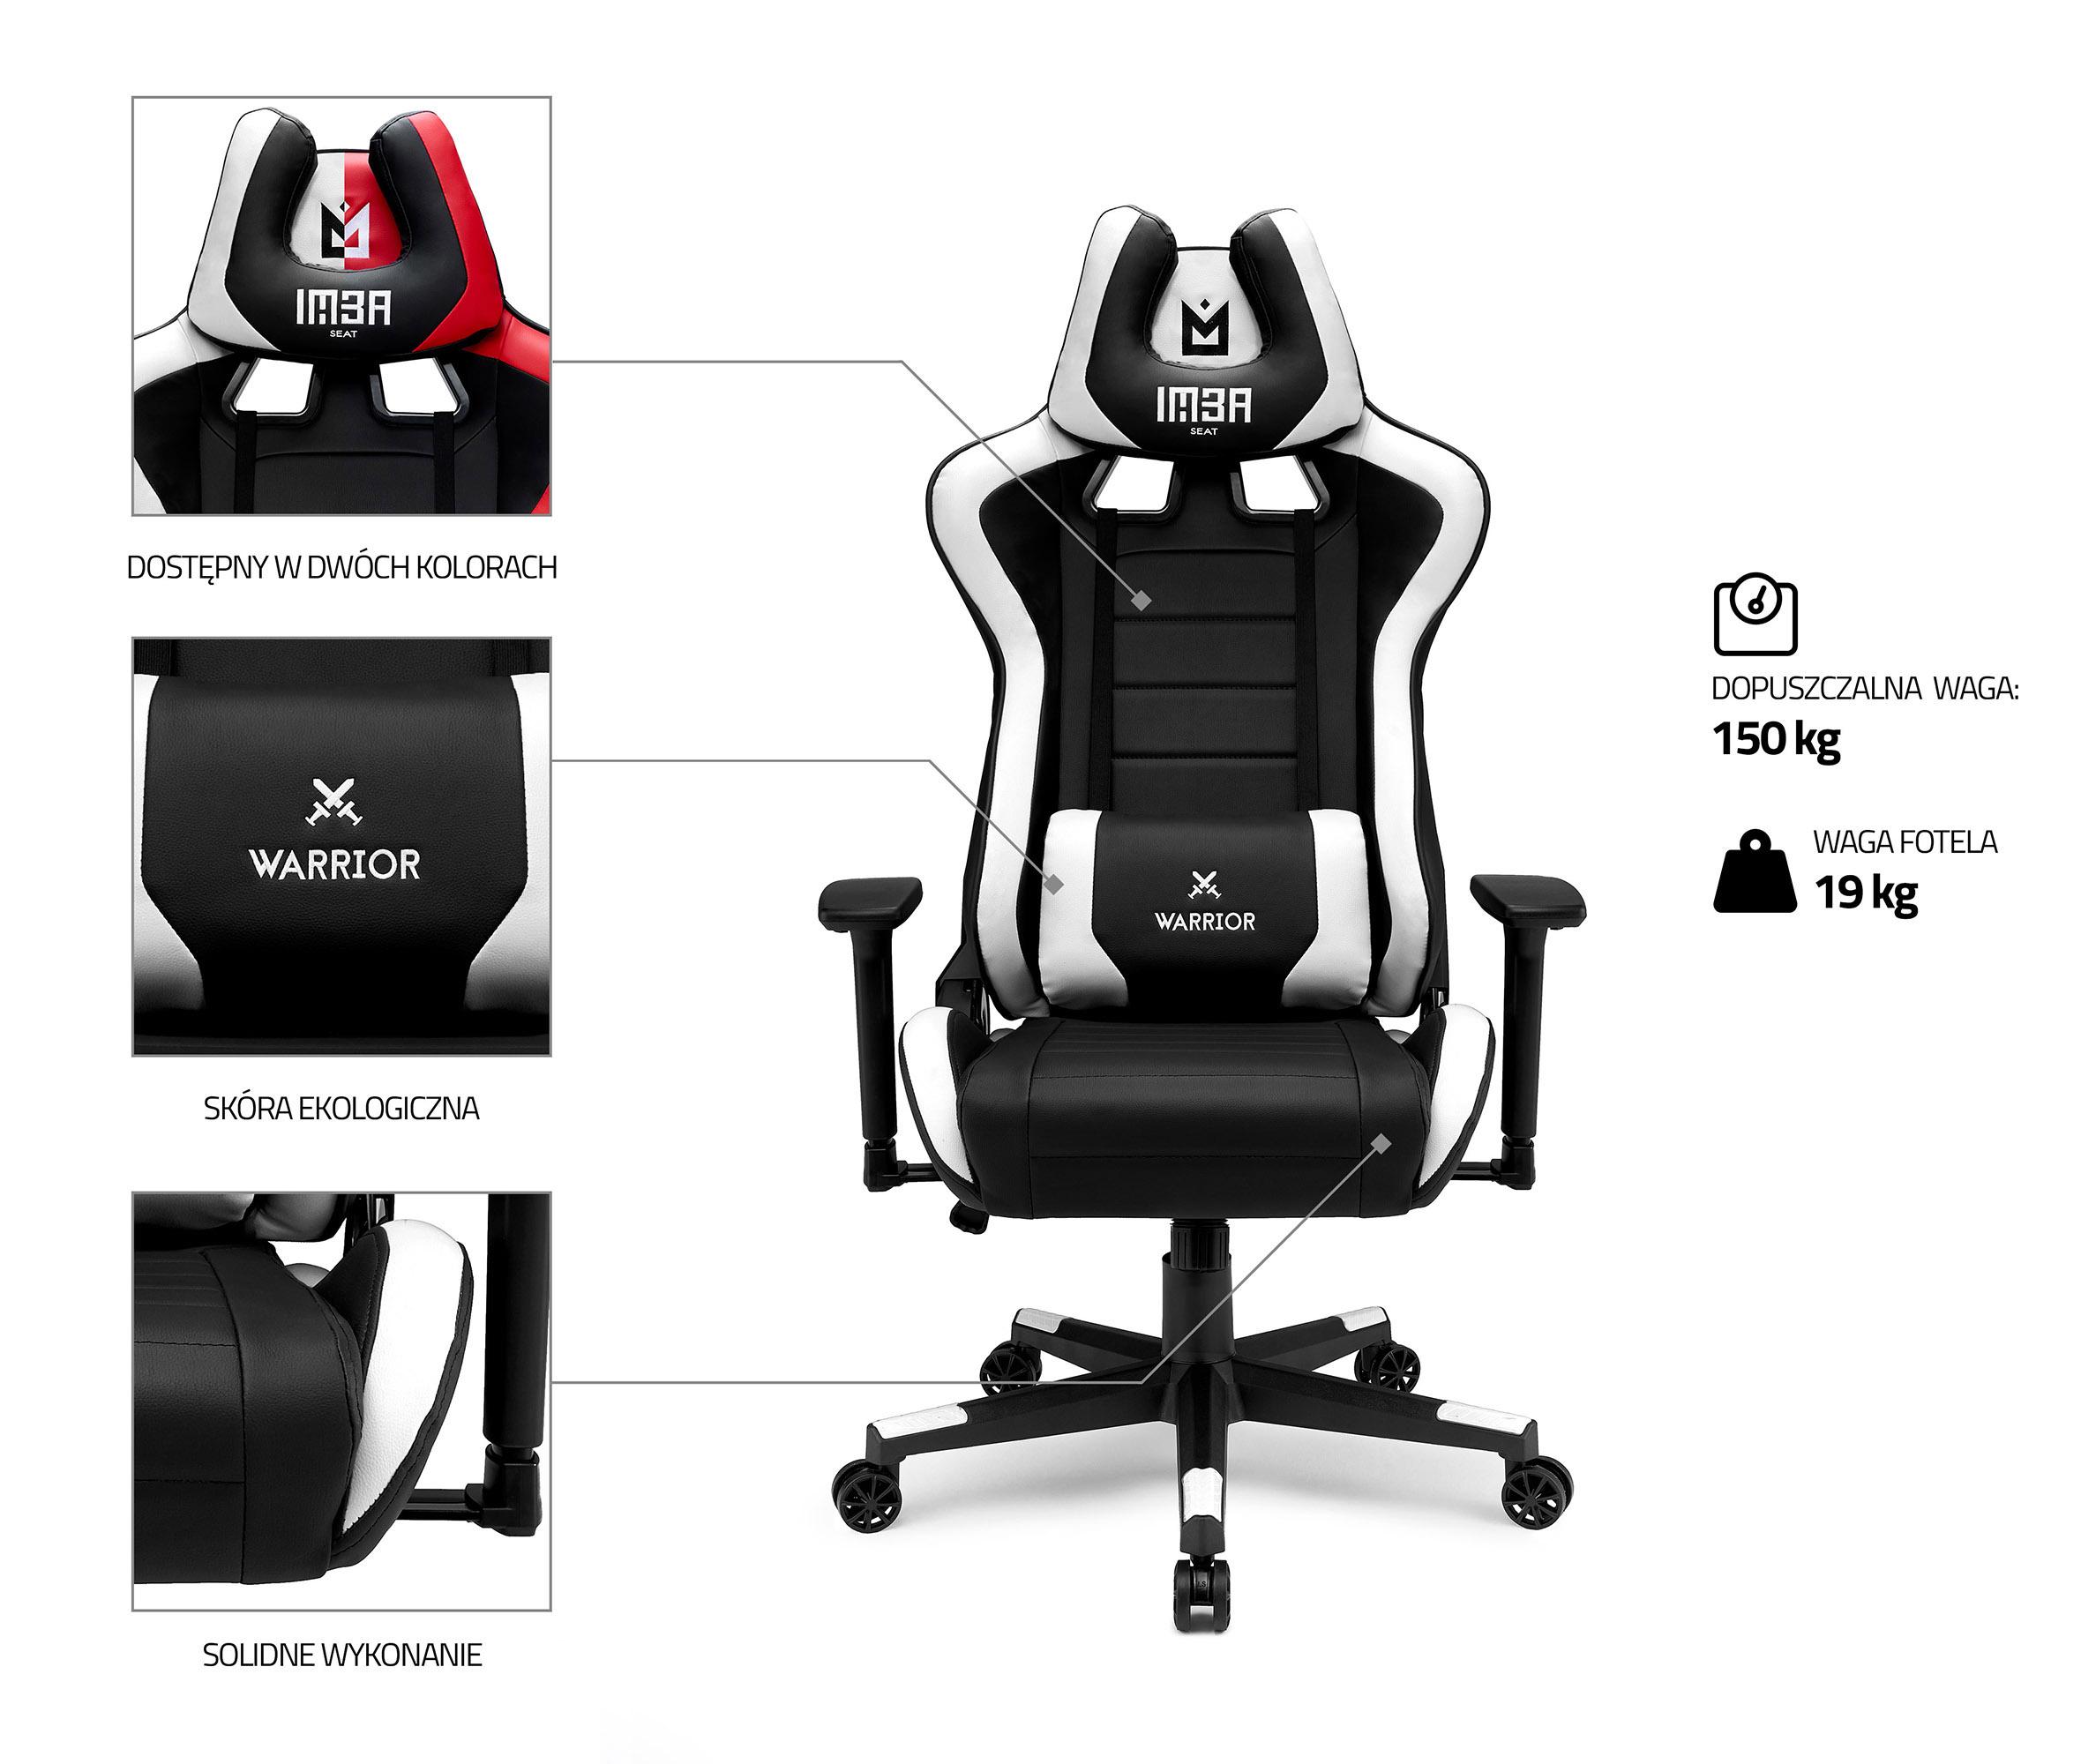 Skórzany fotel gamingowy IMBA Warrior White